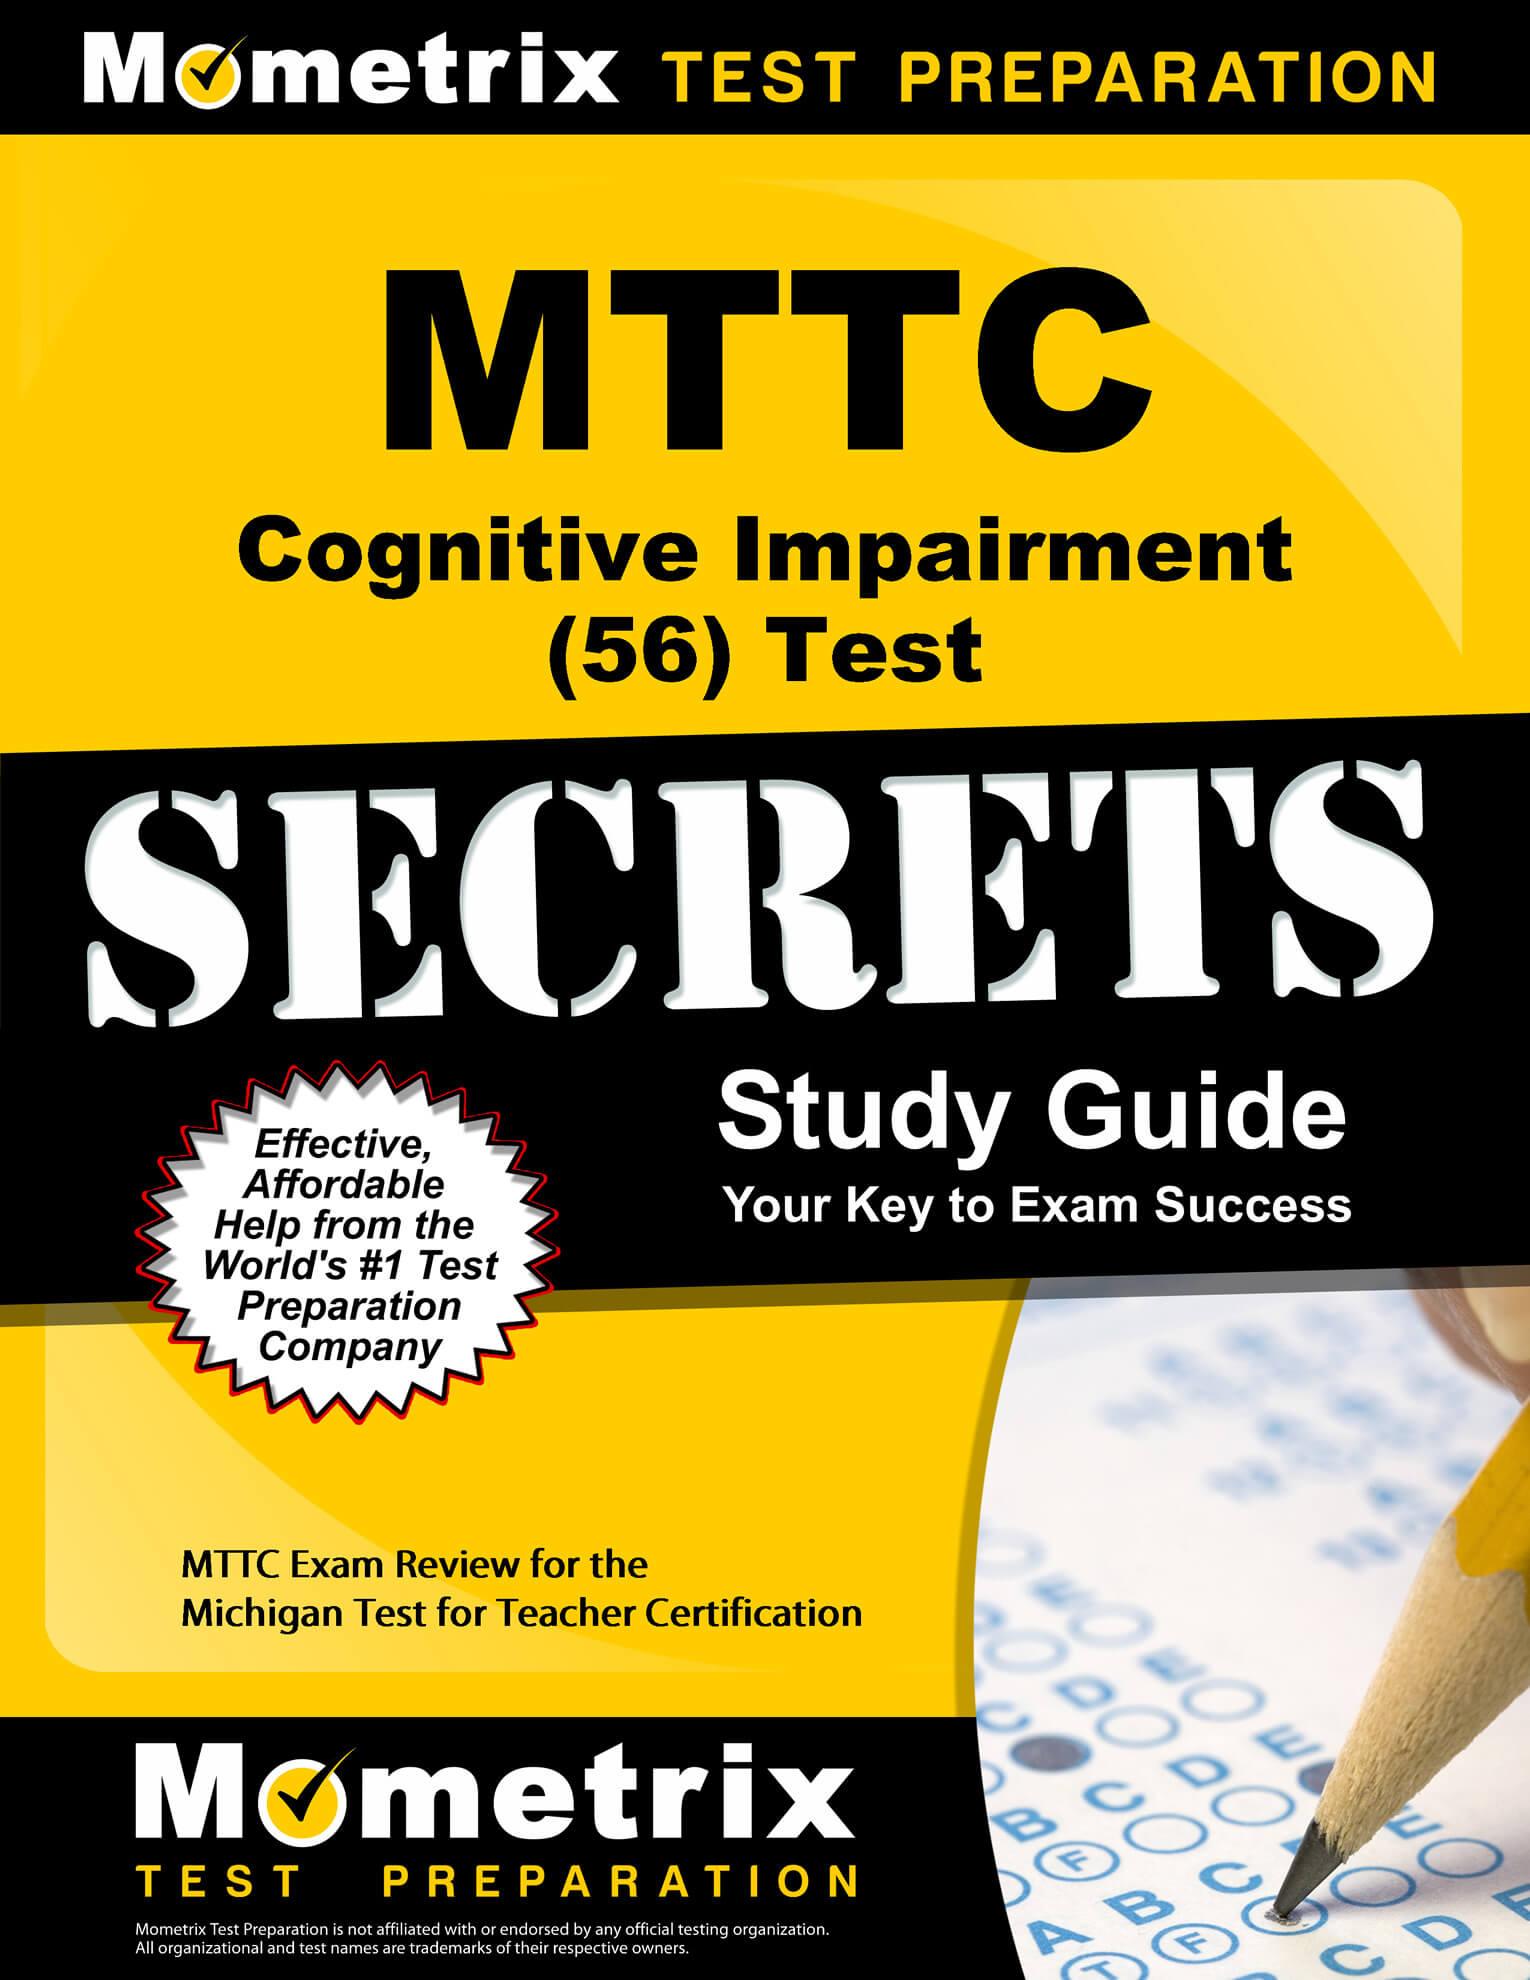 MTTC Cognitive Impairment Study Guide